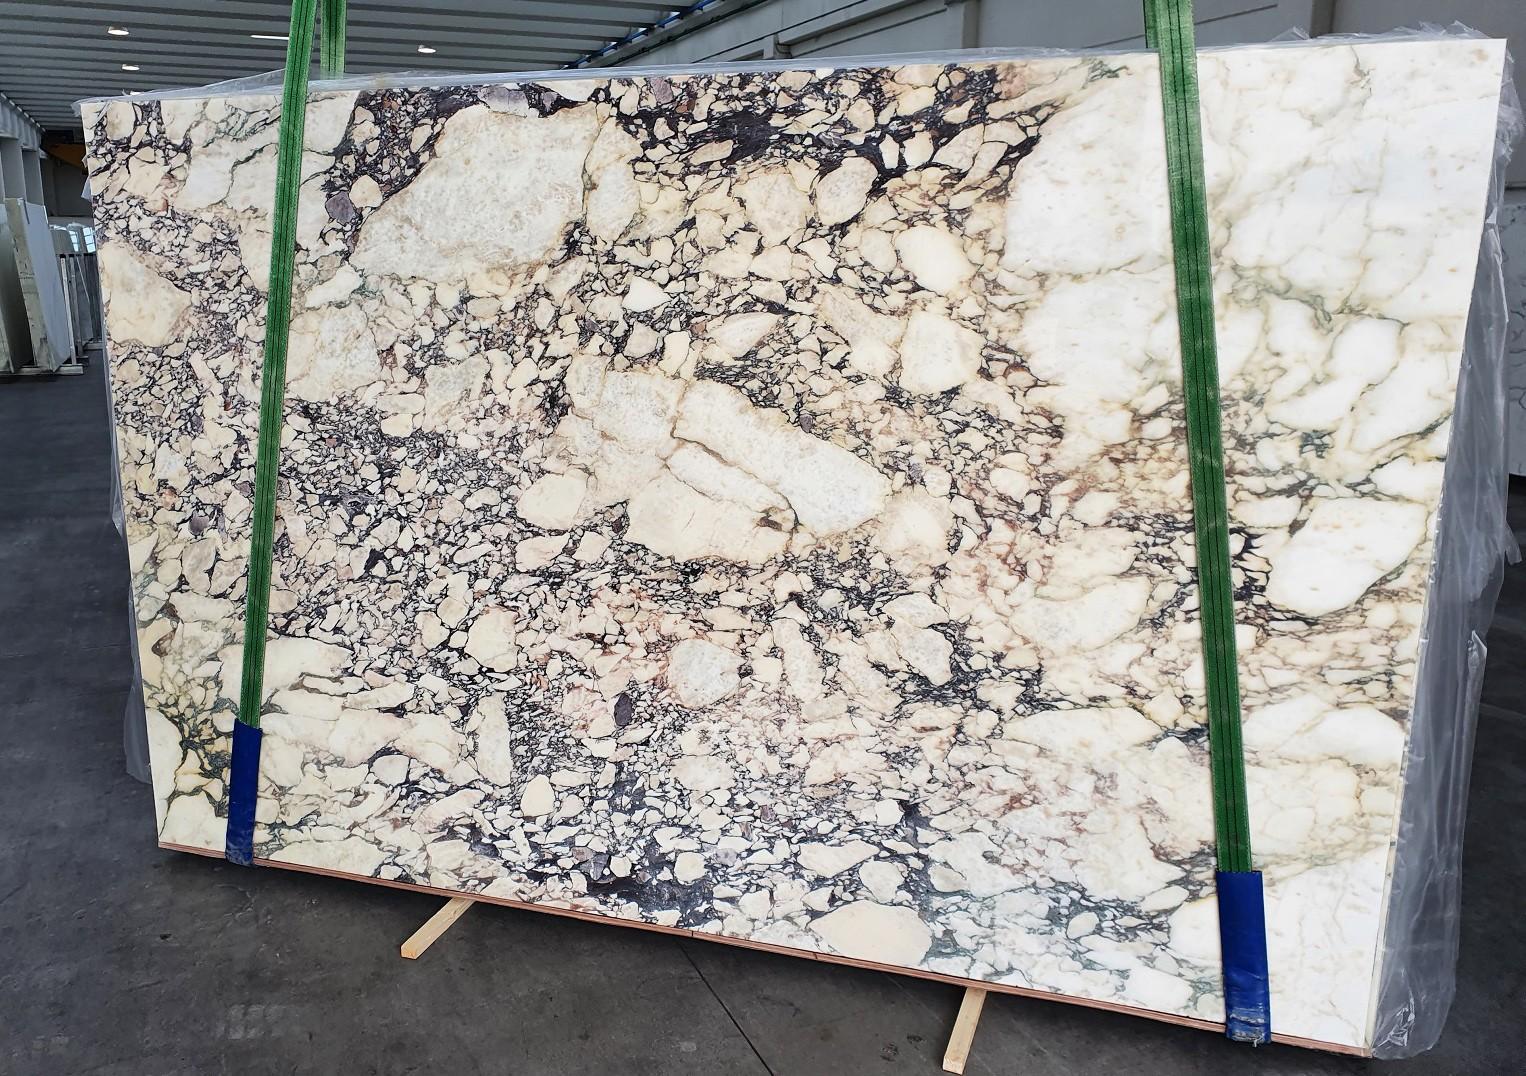 CALACATTA VIOLA Suministro Veneto (Italia) de planchas pulidas en mármol natural 1291 , Slab #42